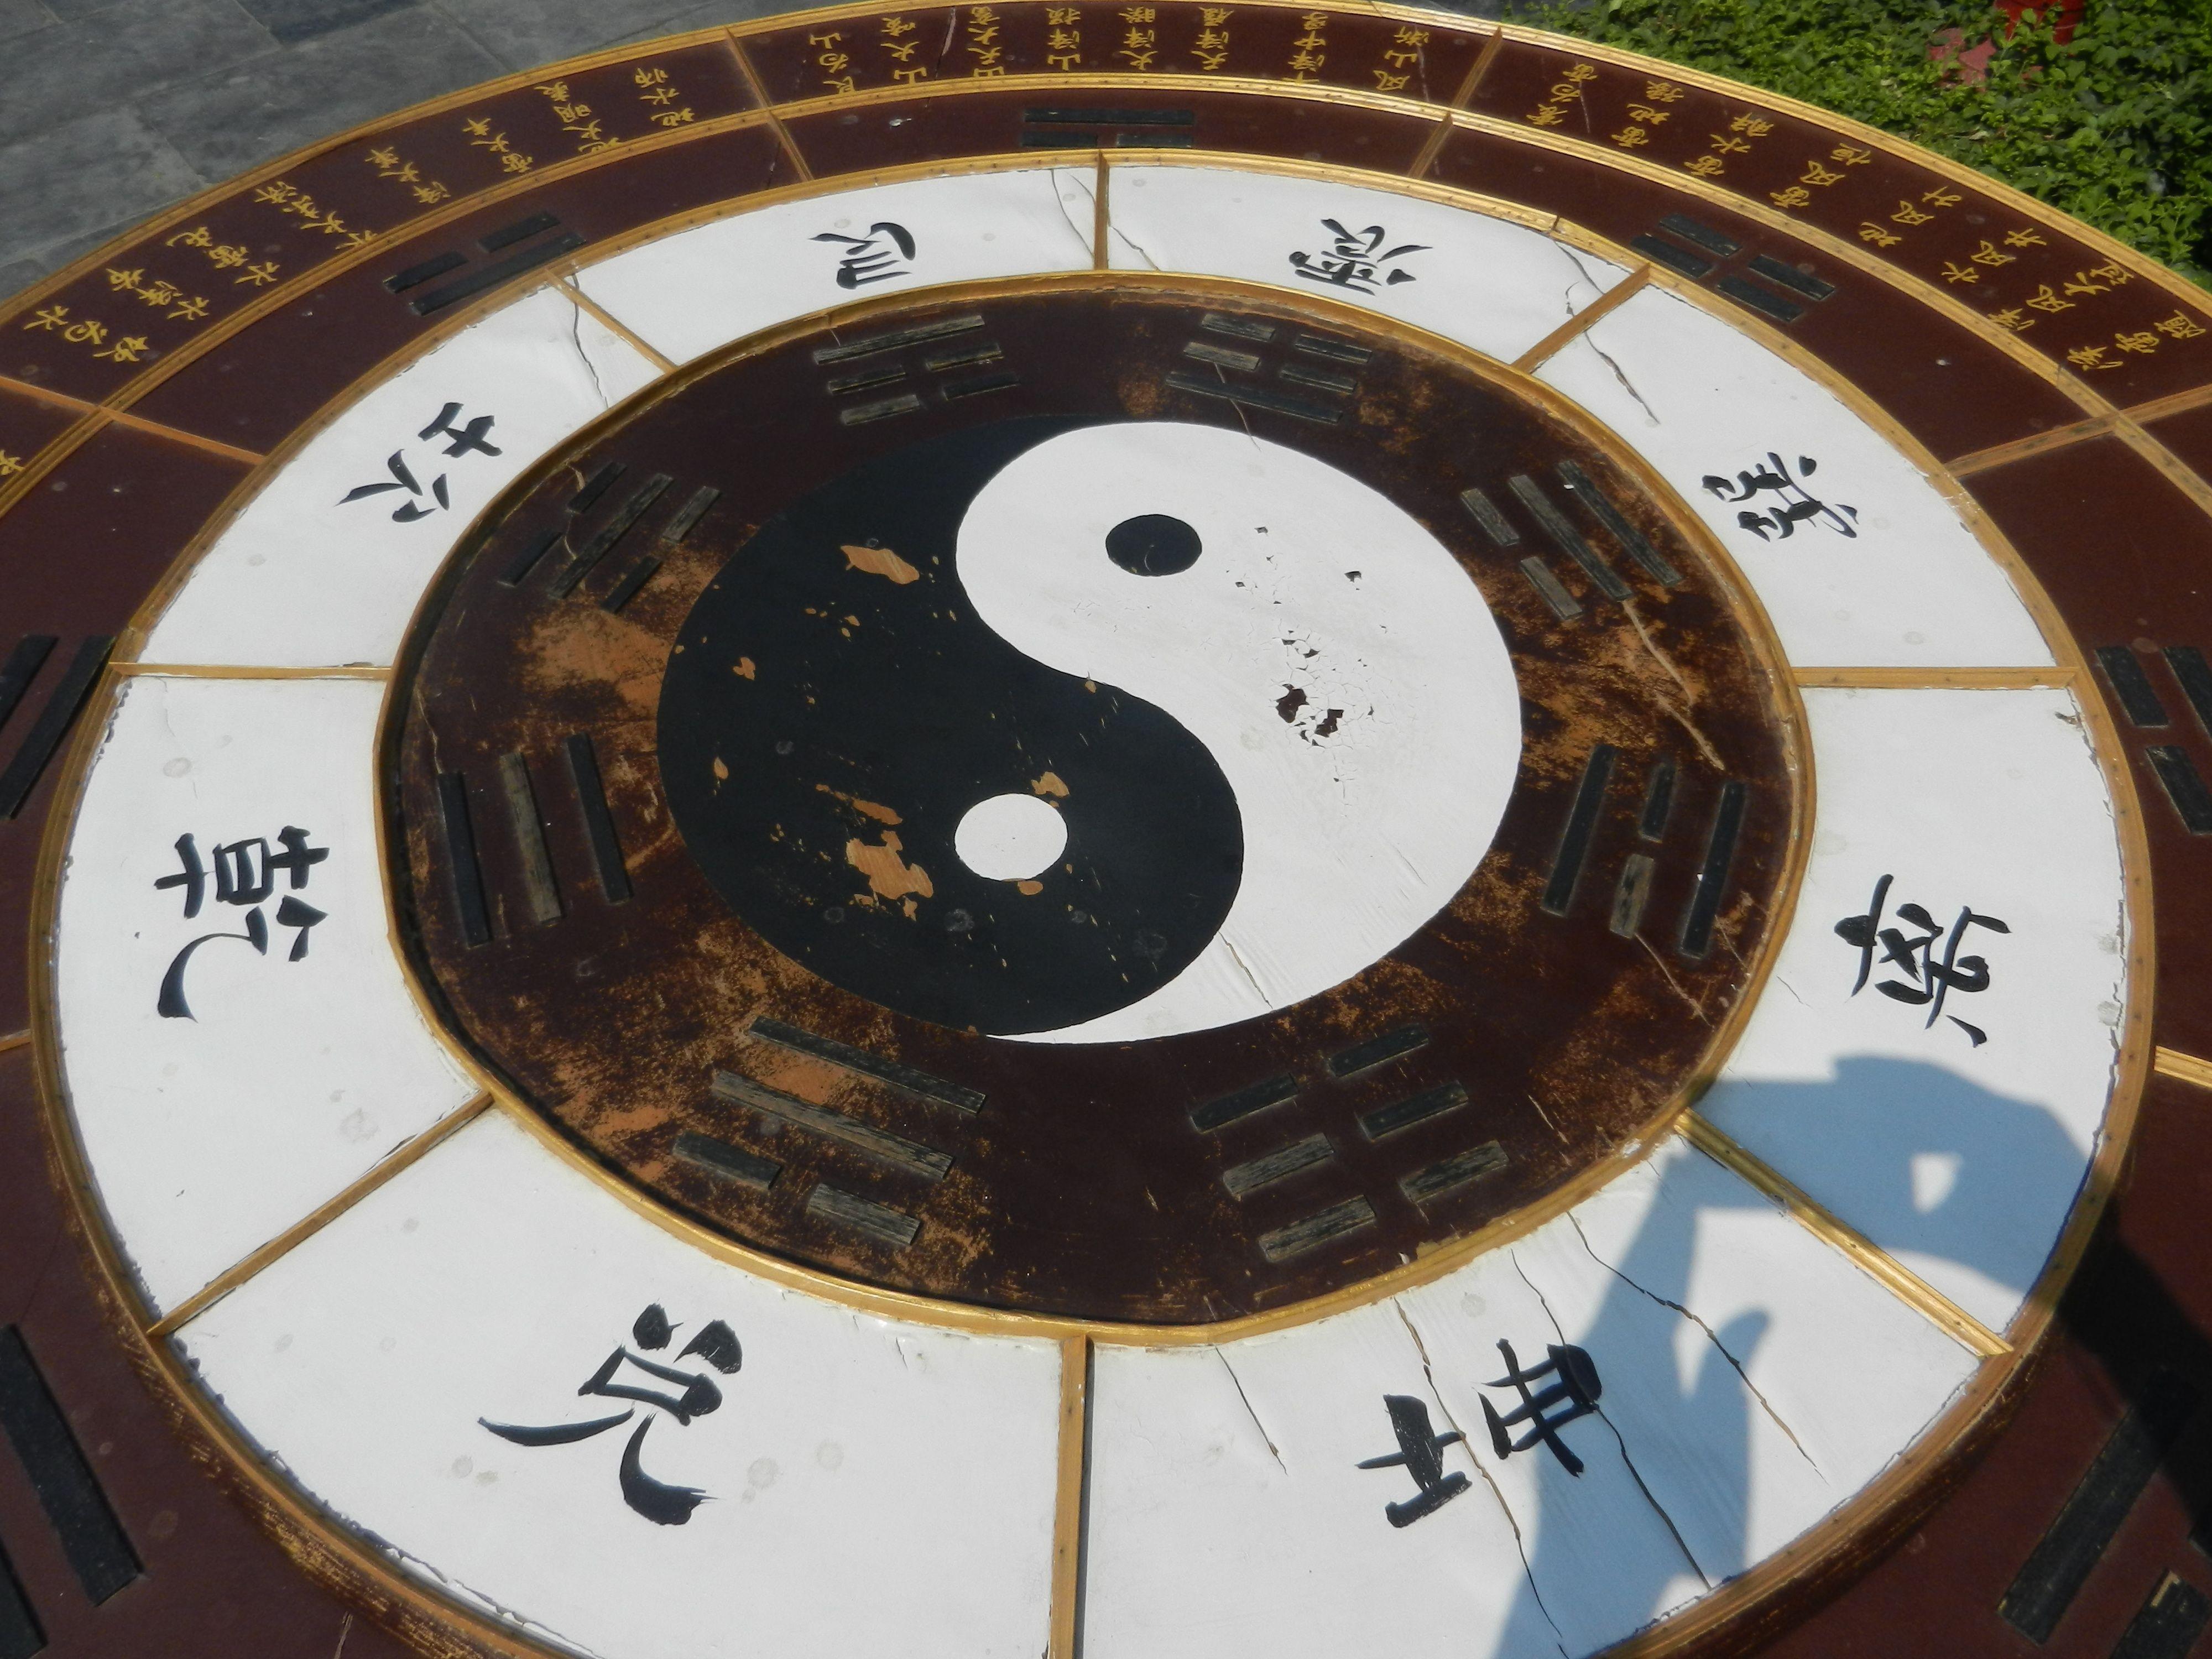 Yin yang symbol meaning origin